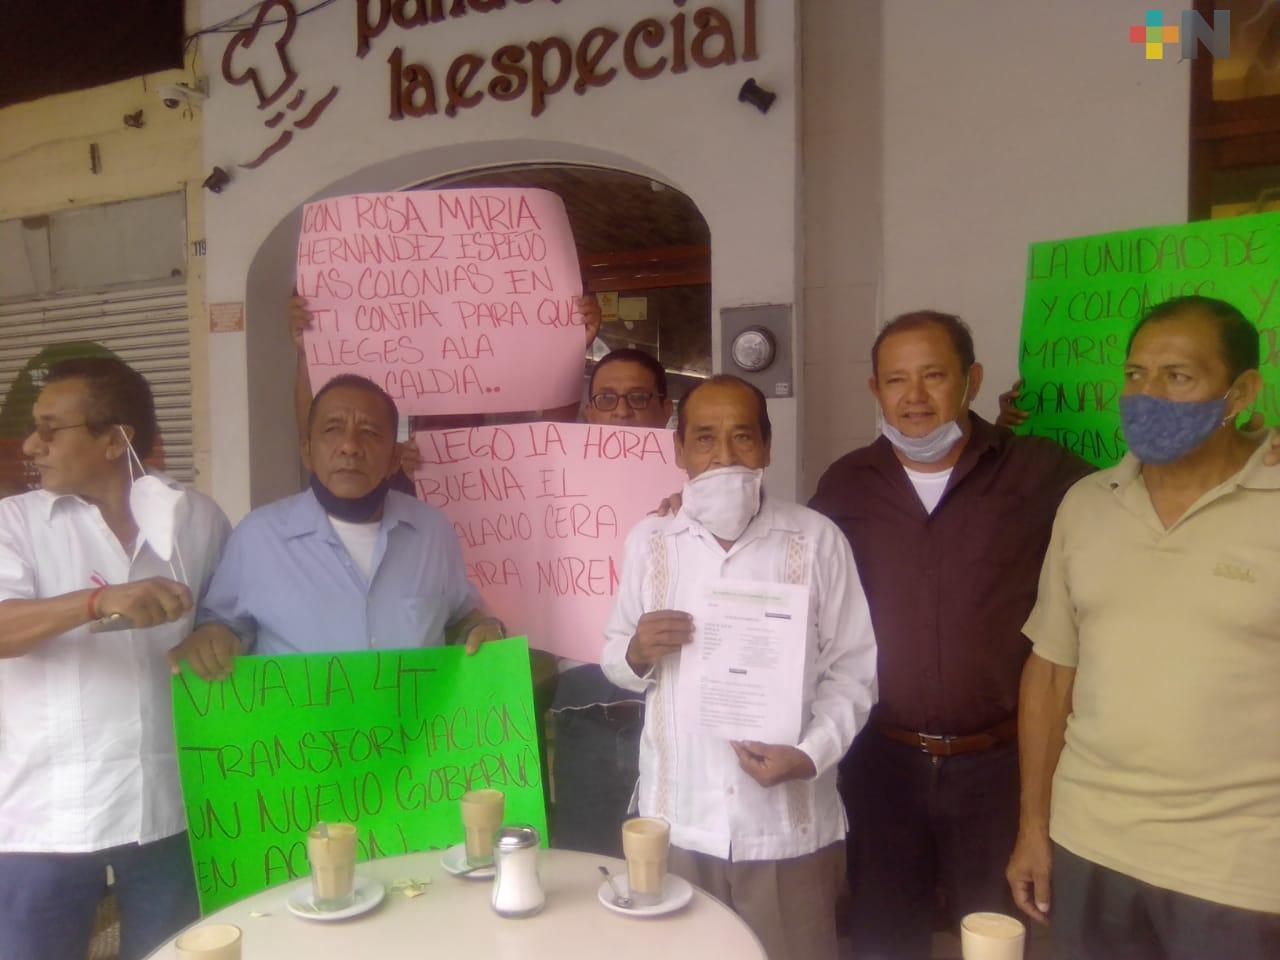 Denuncian abusos en las colonias por parte de autoridades municipales de Veracruz